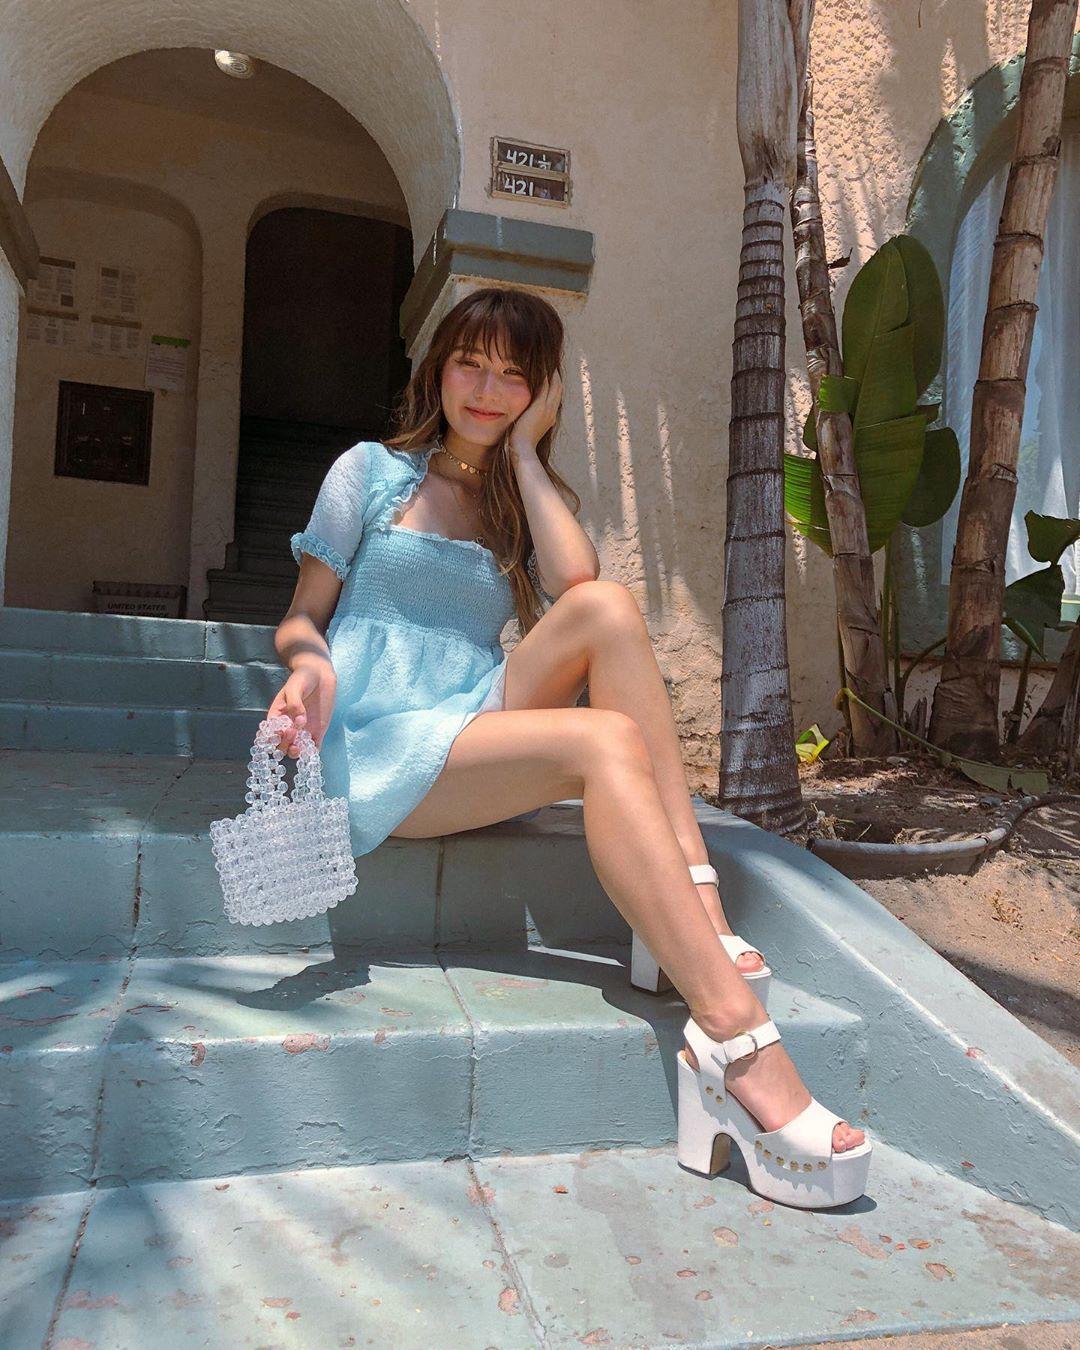 youtuber ashley bestdressed gợi ý cách mặc đẹp với đầm ngắn và sandals cao gót